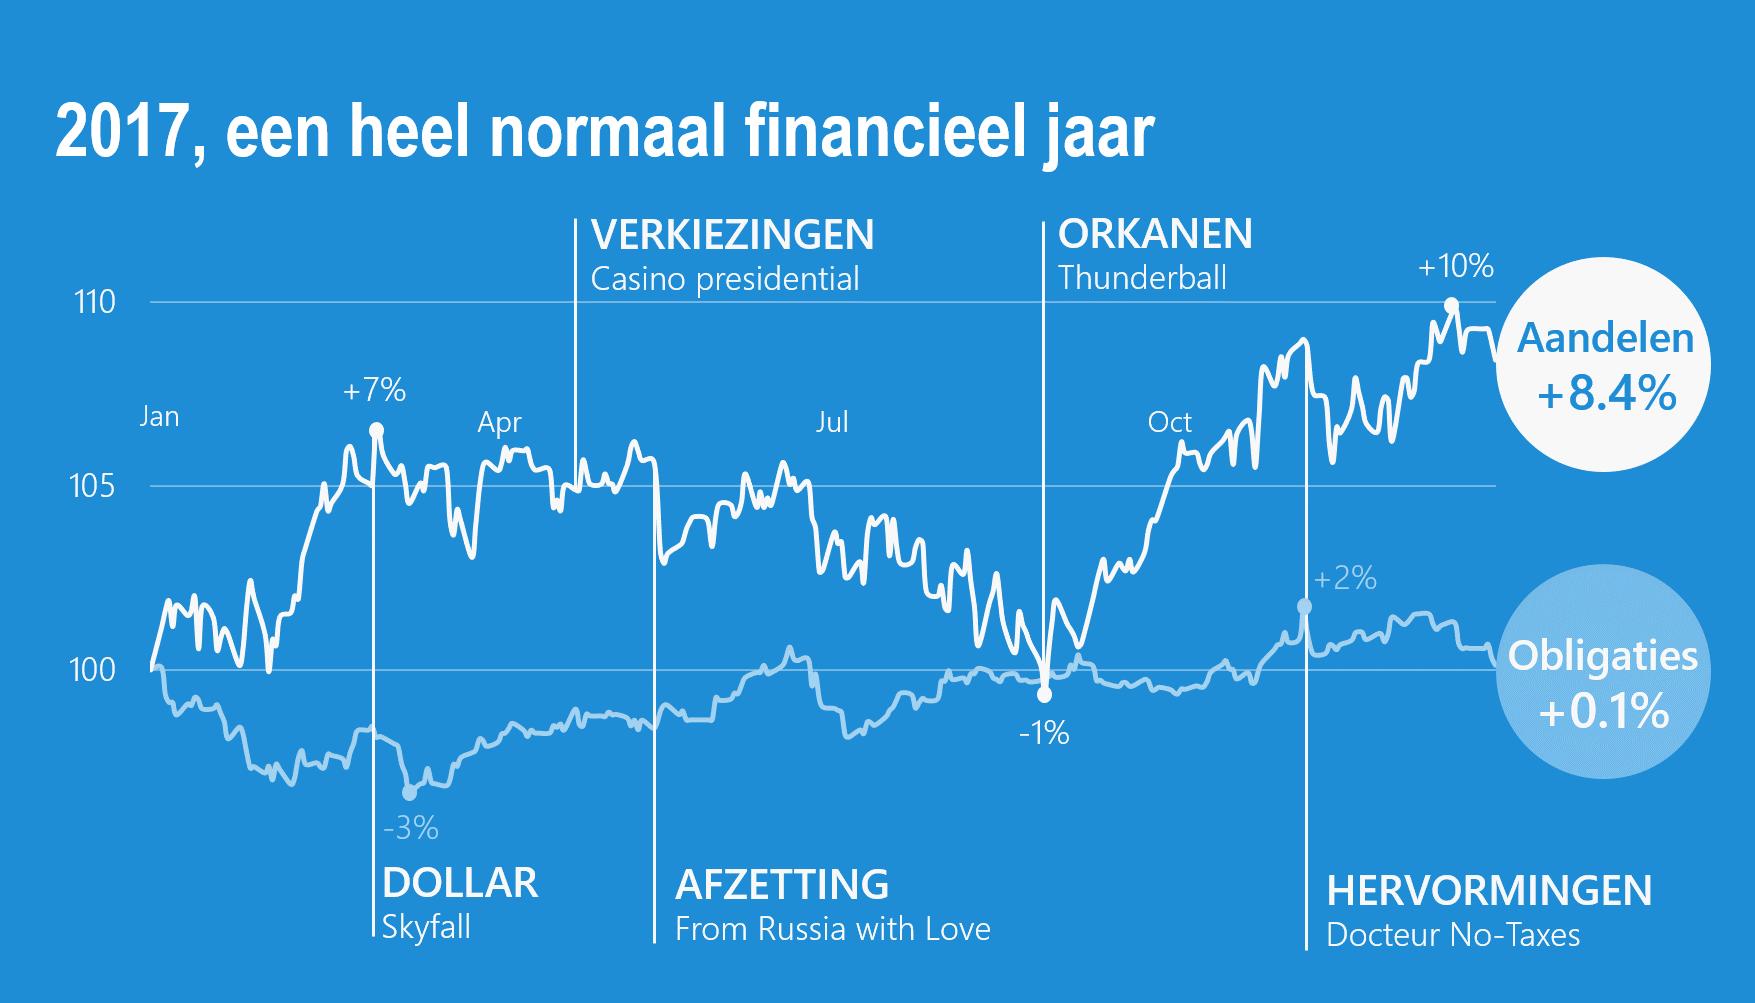 2017, een heel normaal financieel jaar